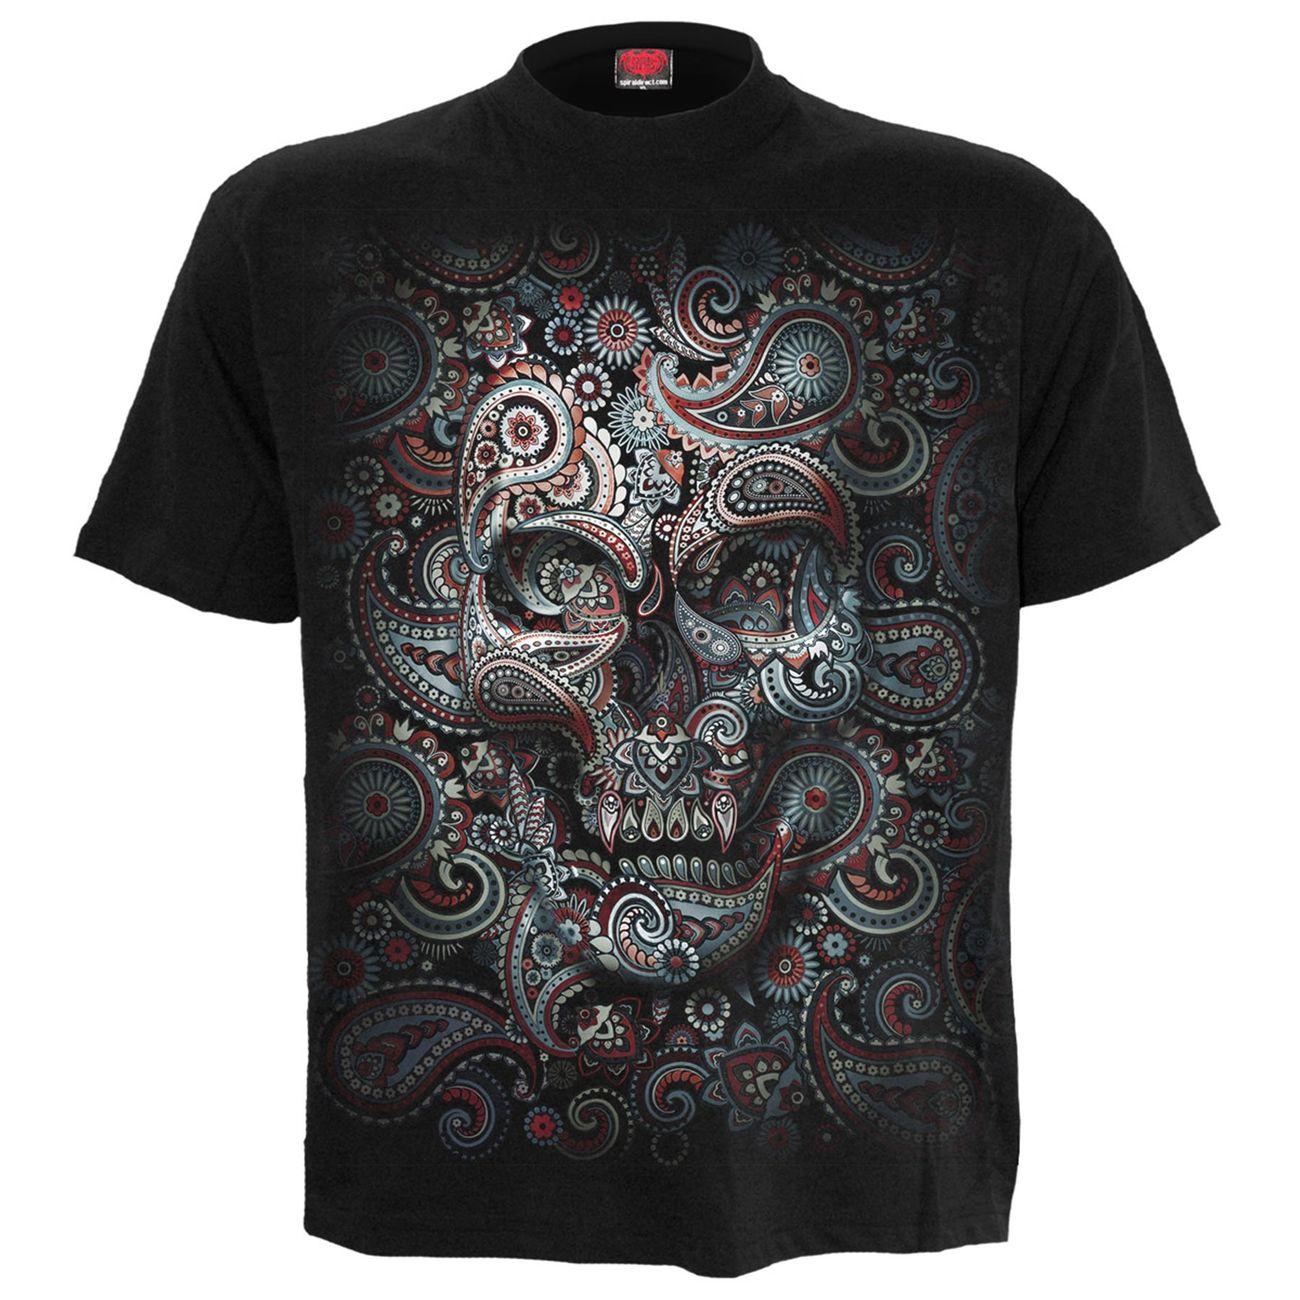 8d2a0d0e3c83e9 Spiral T-Shirt Skull Illusion günstig kaufen - Kotte & Zeller